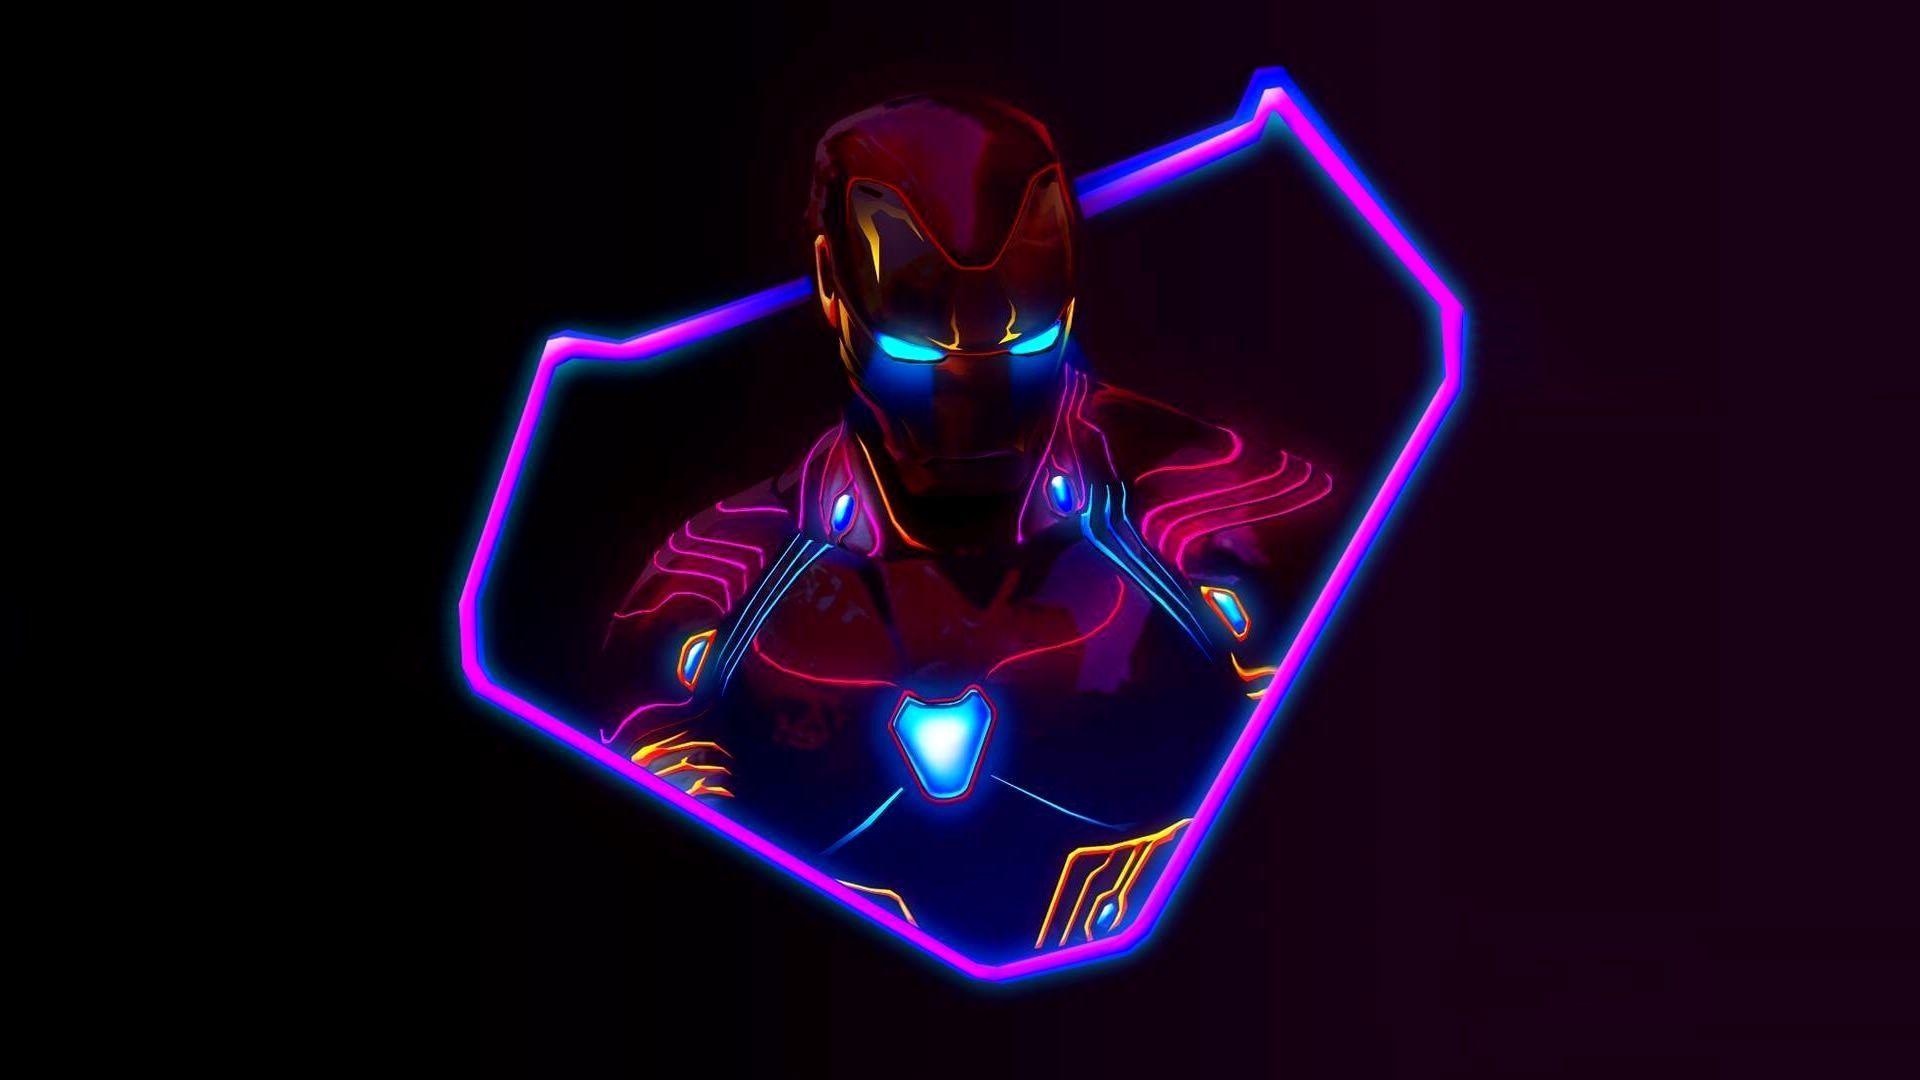 4k Wallpaper For Pc Marvel Gallery 4k En 2020 Fondo De Pantalla De Iron Man Fondos De Computadora Fondos De Pantalla Ordenador